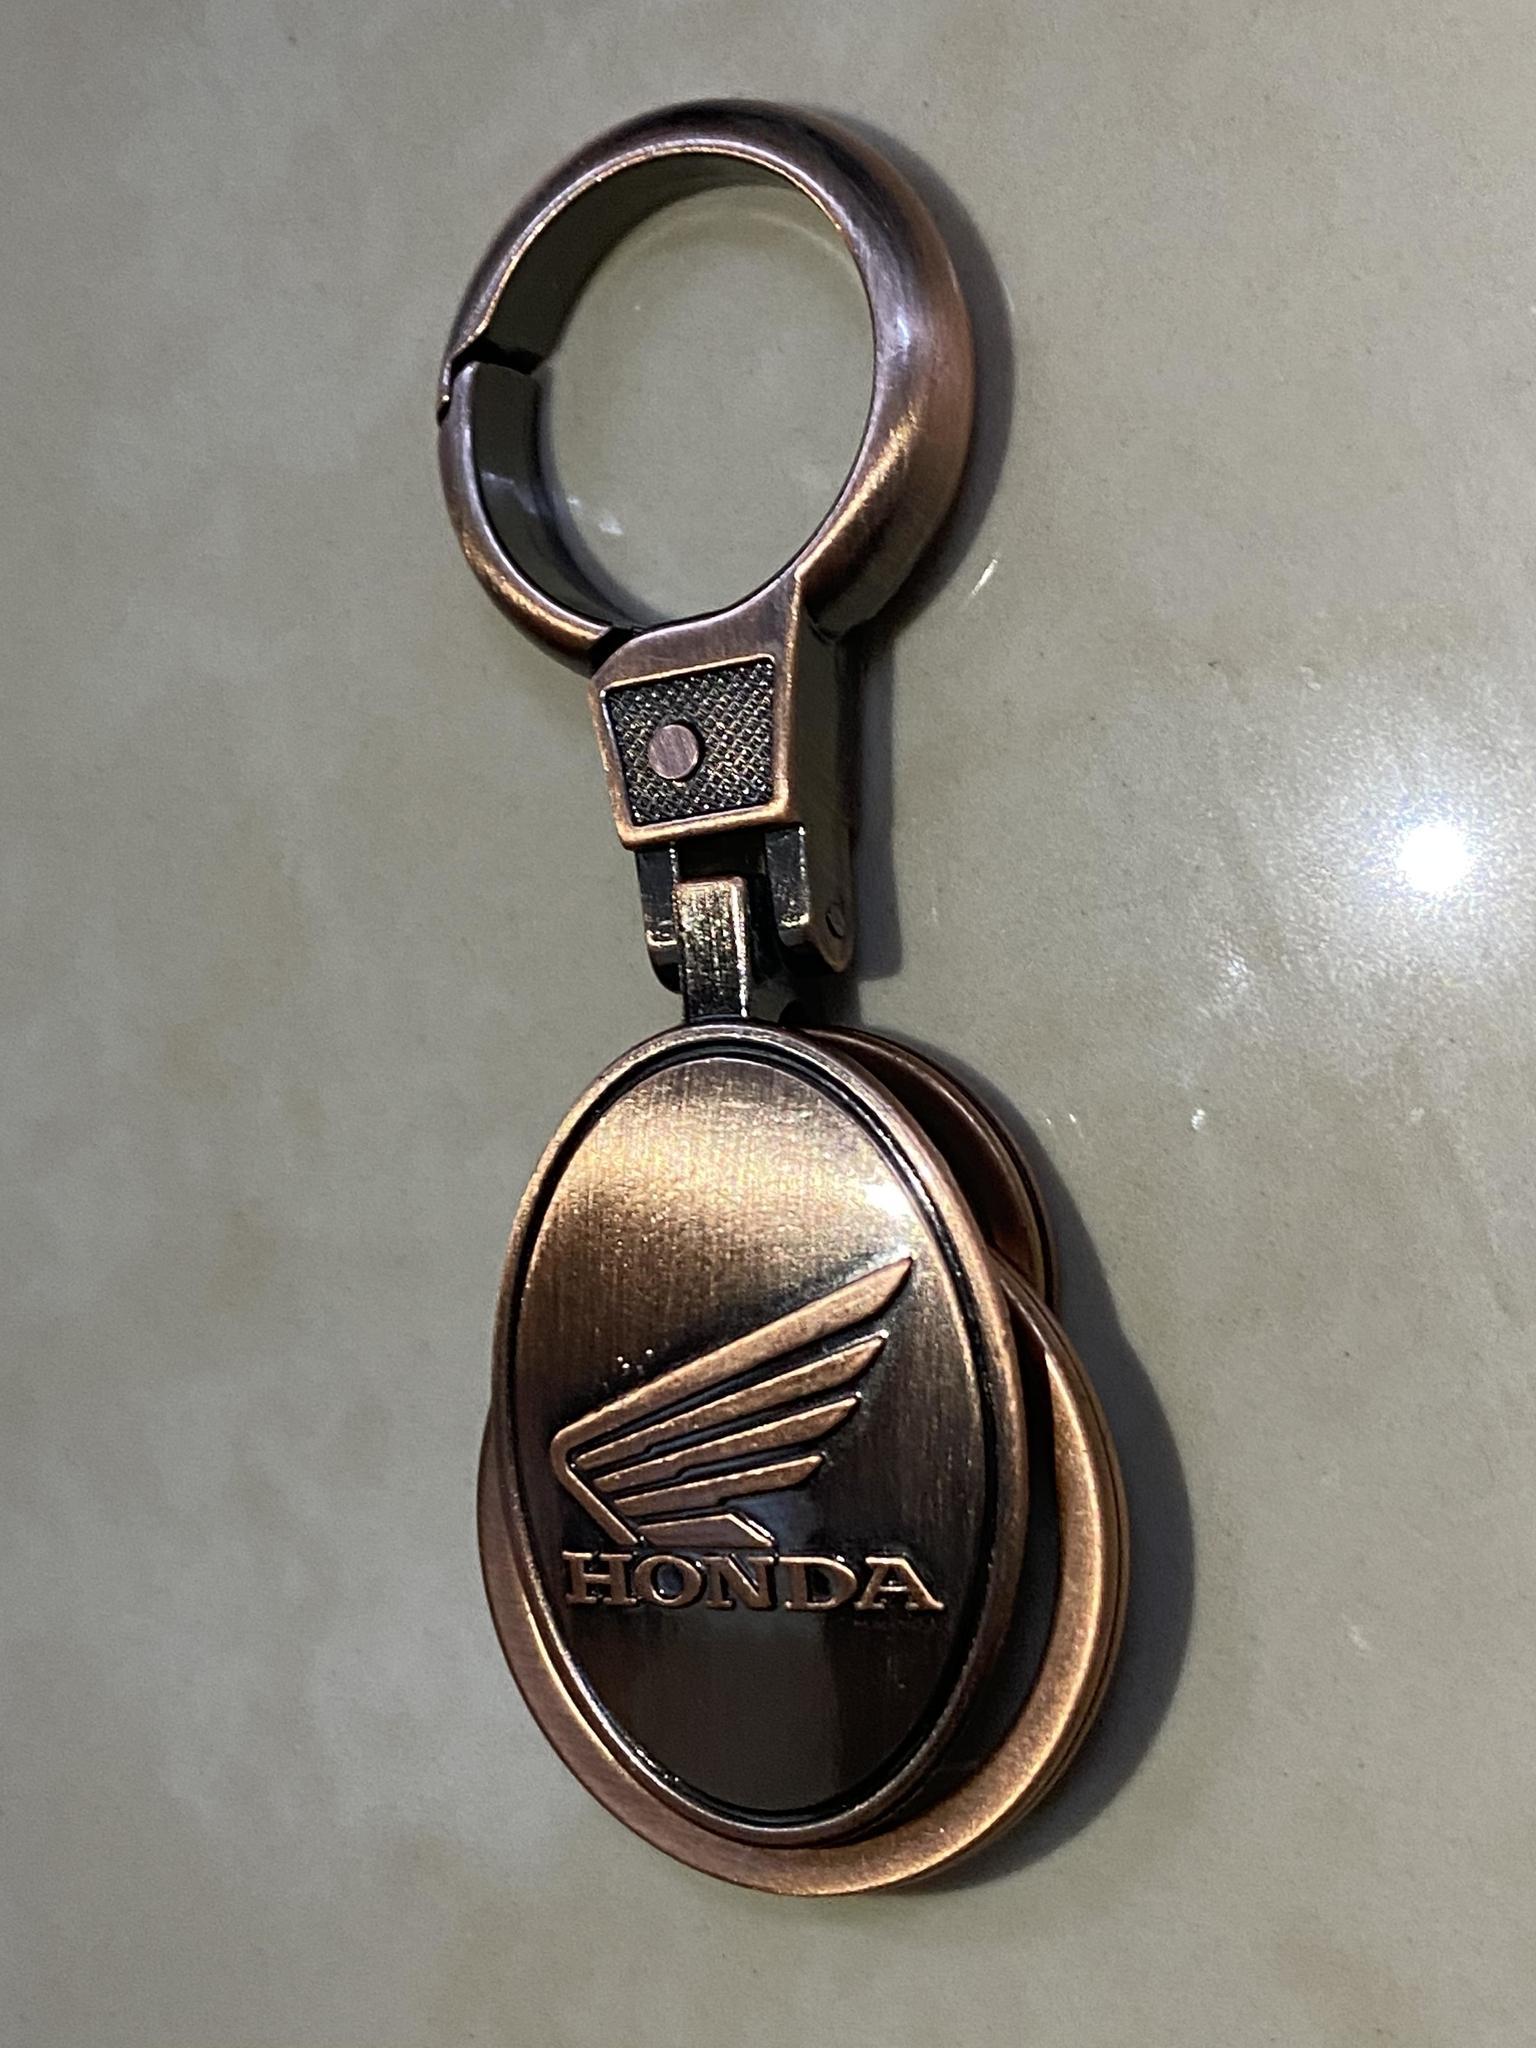 Honda Key Chain